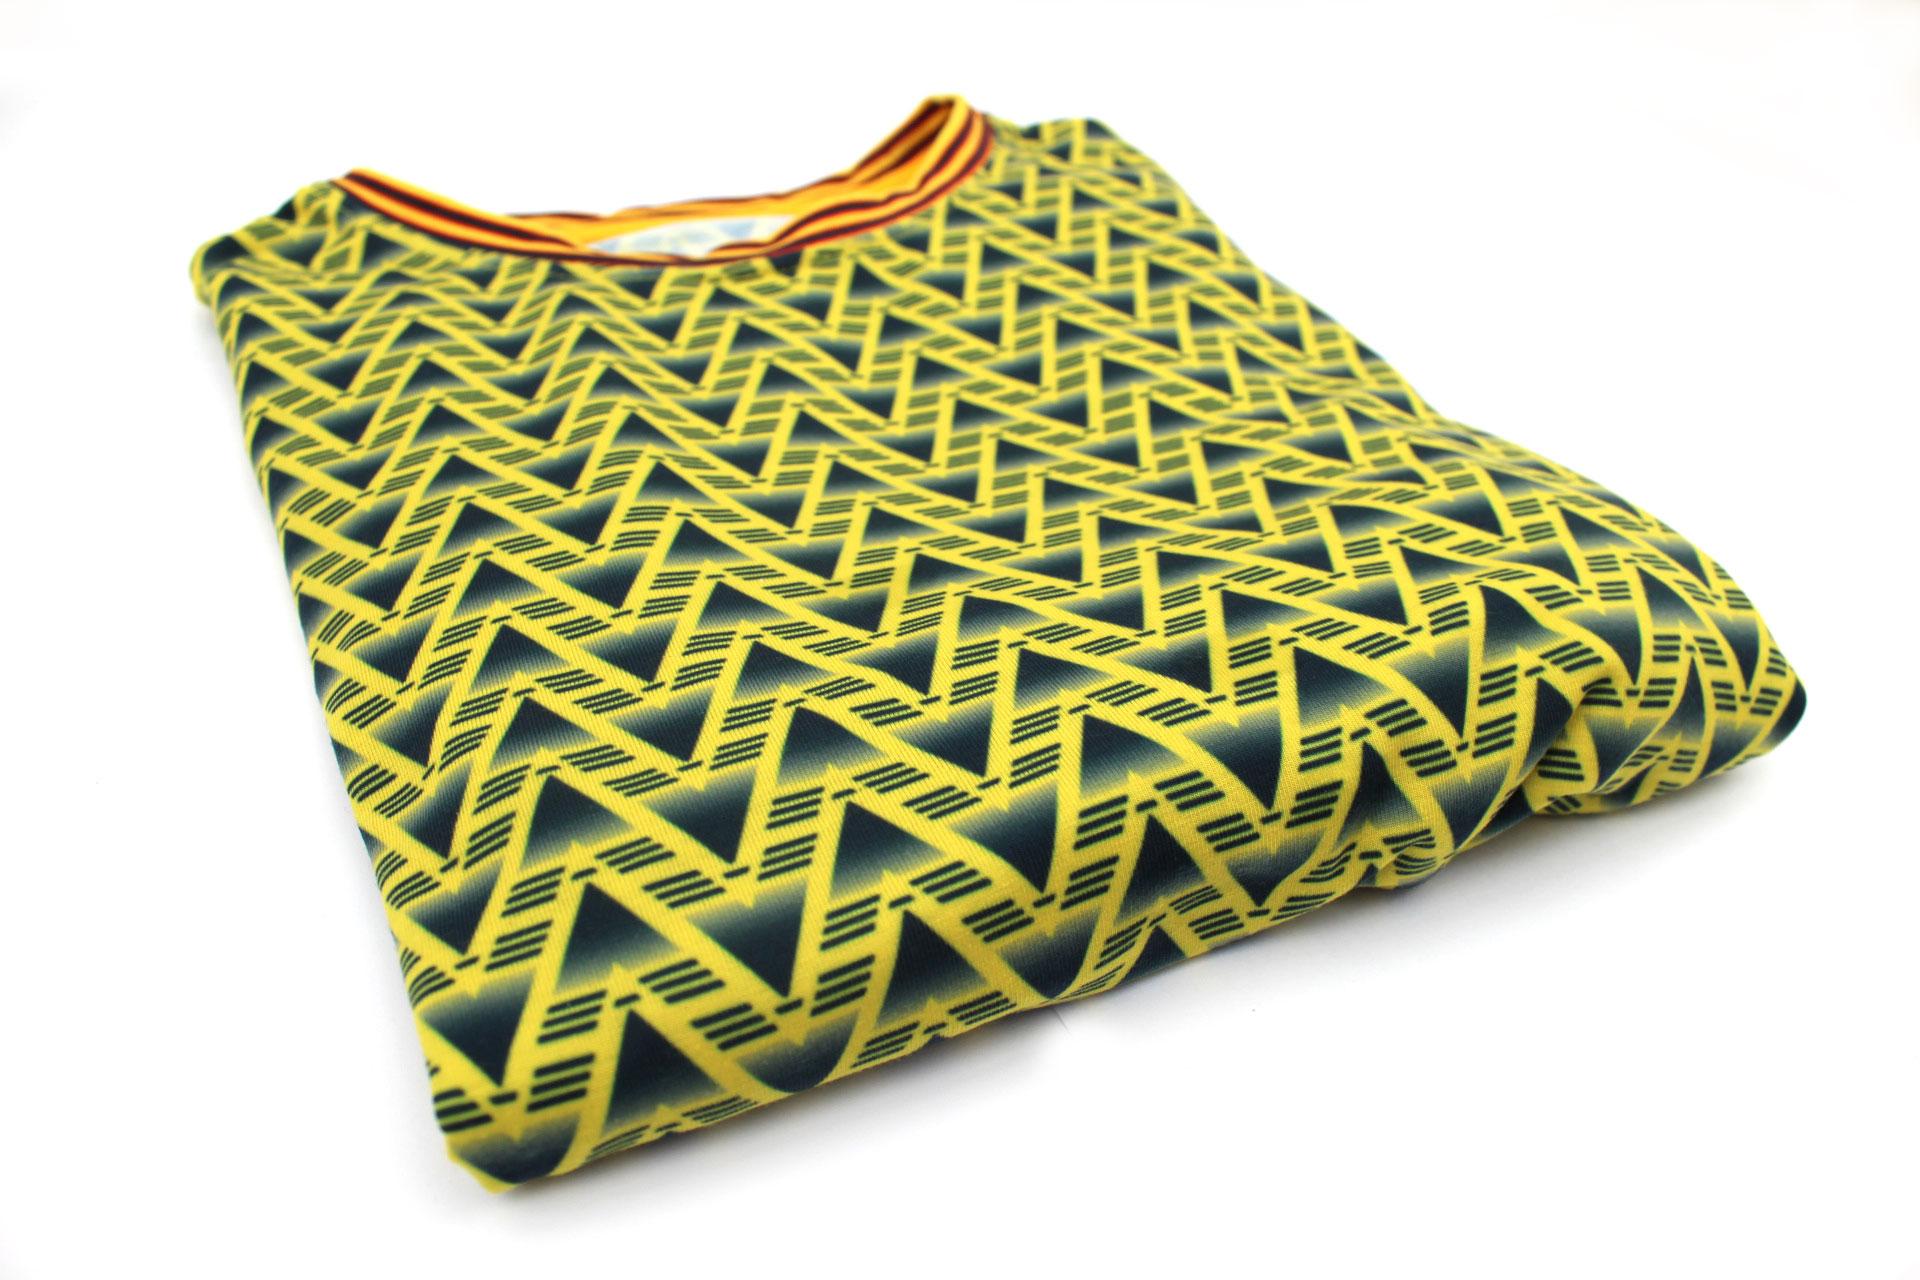 Bruised Banana T-Shirts - Football Bobbles